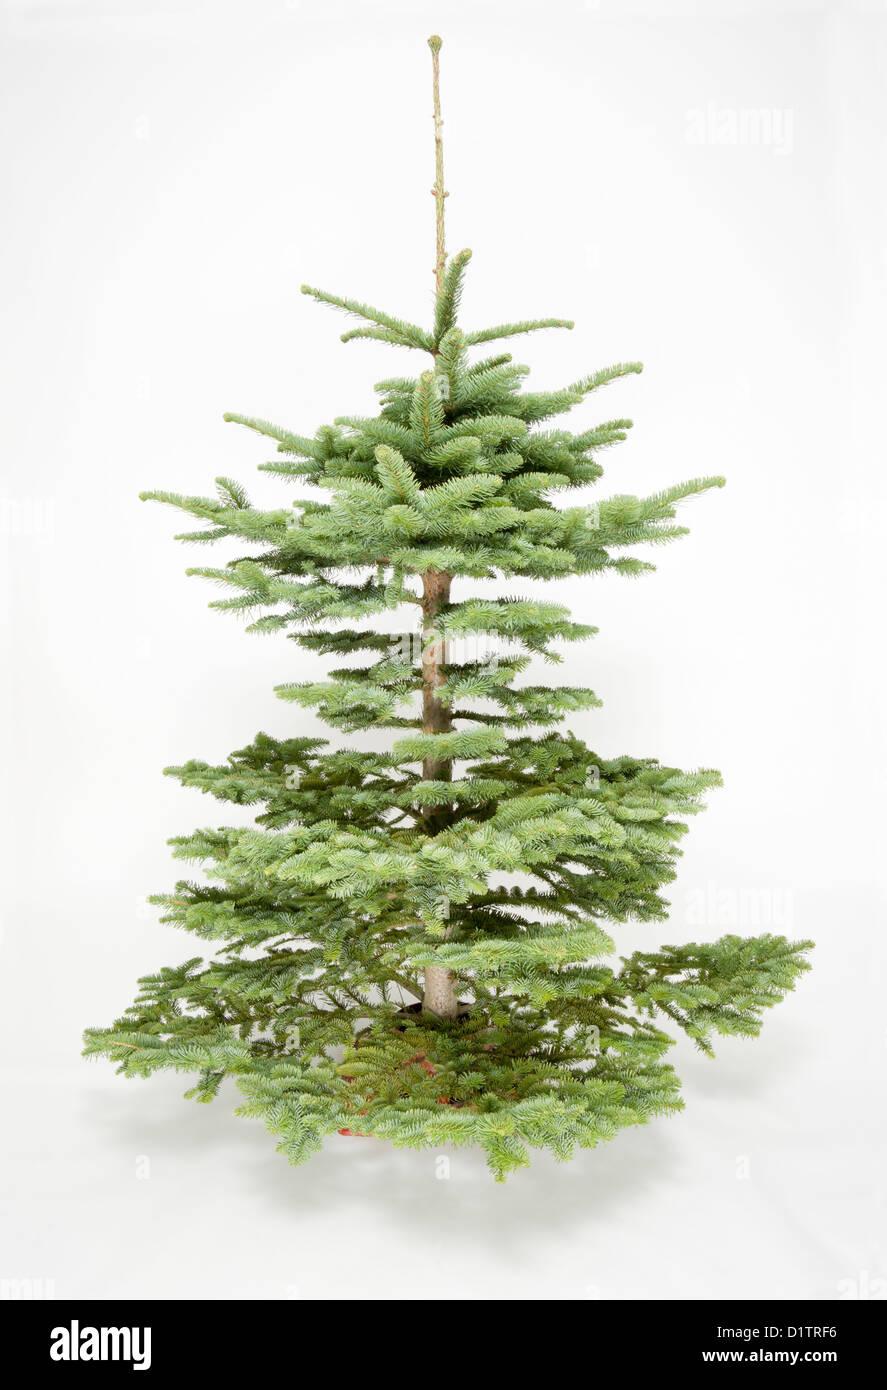 plain undecorated christmas tree Stock Photo: 52791066 - Alamy